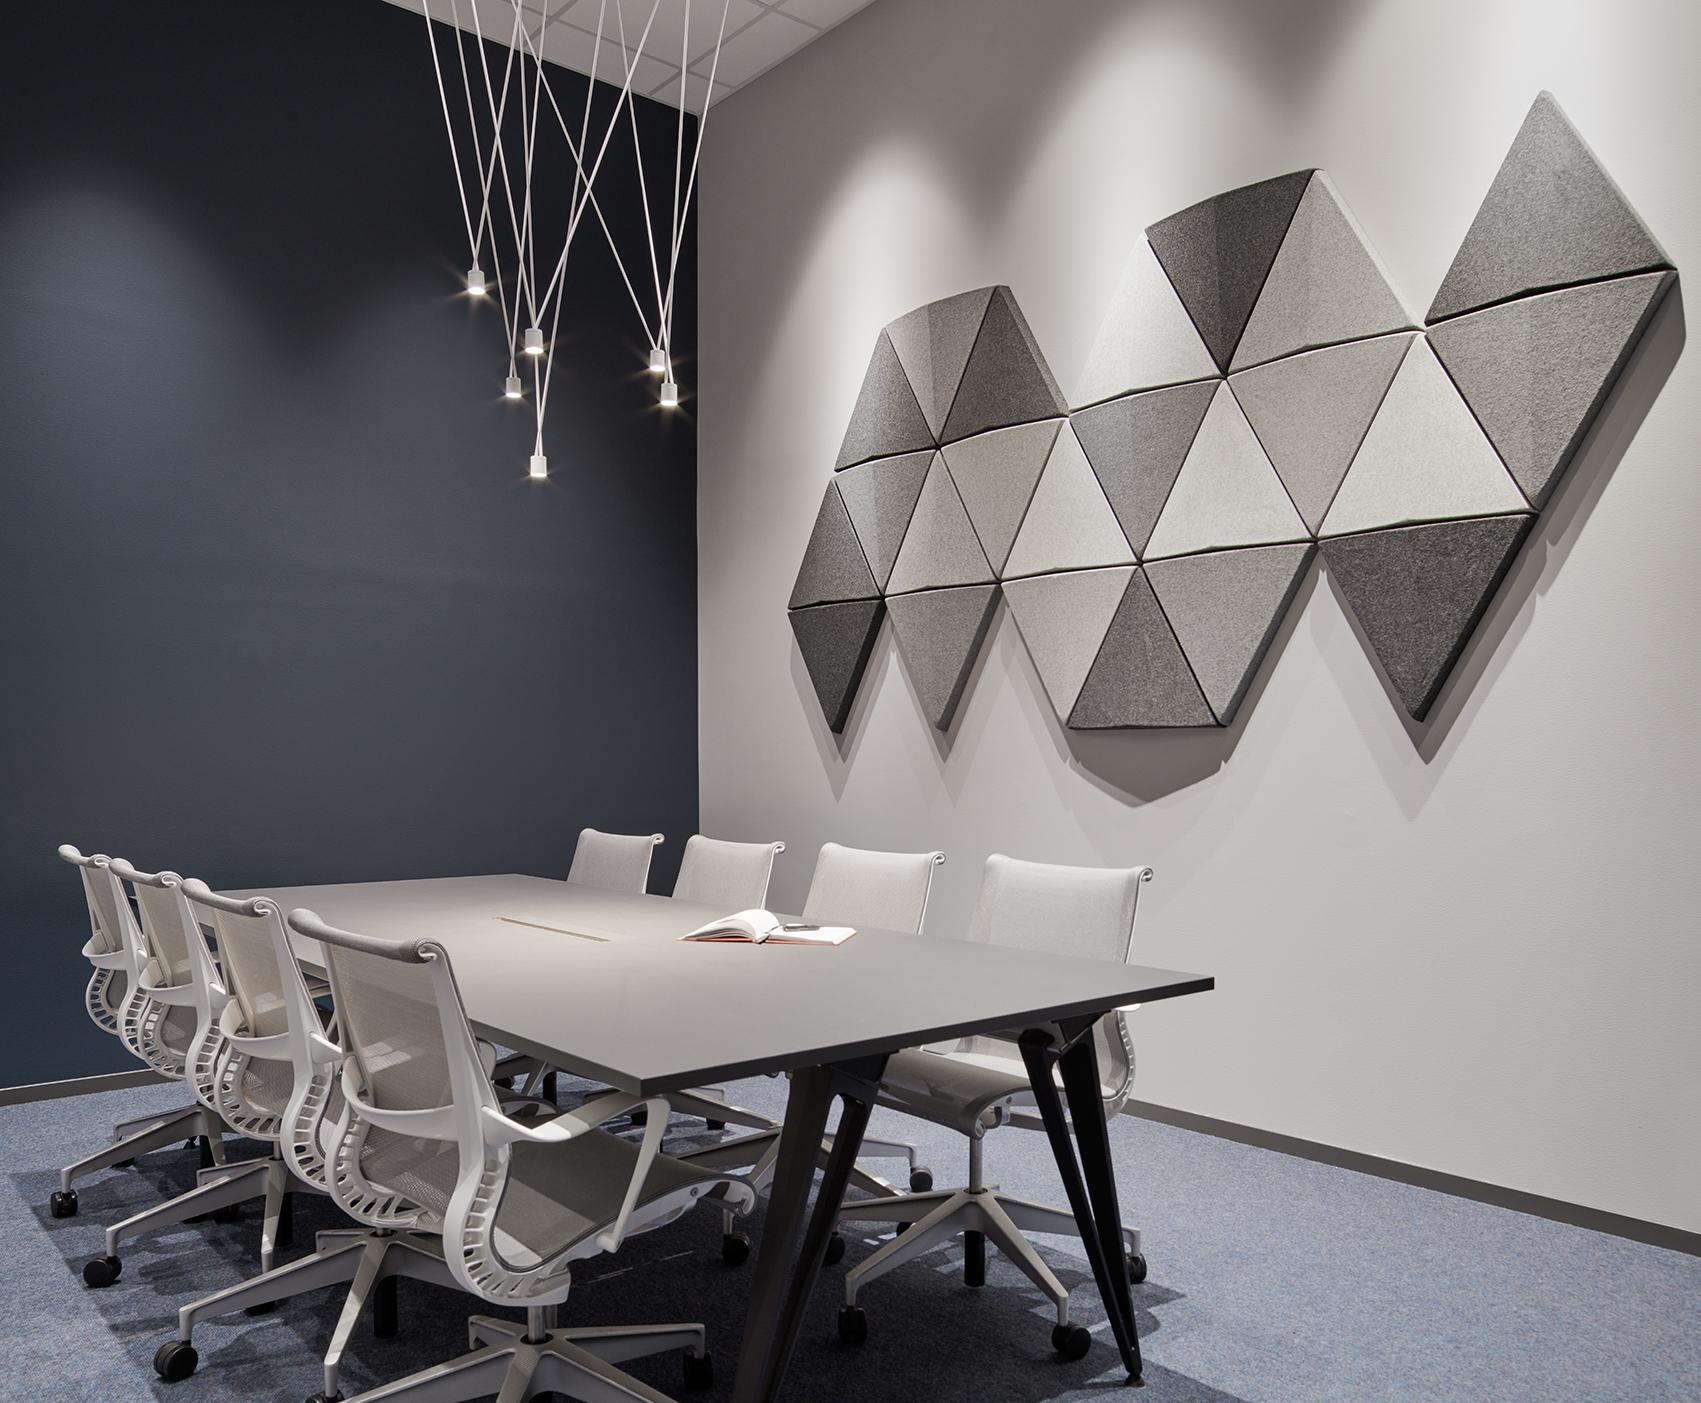 ARCAM, Mölnlycke Gestalt arkitektur